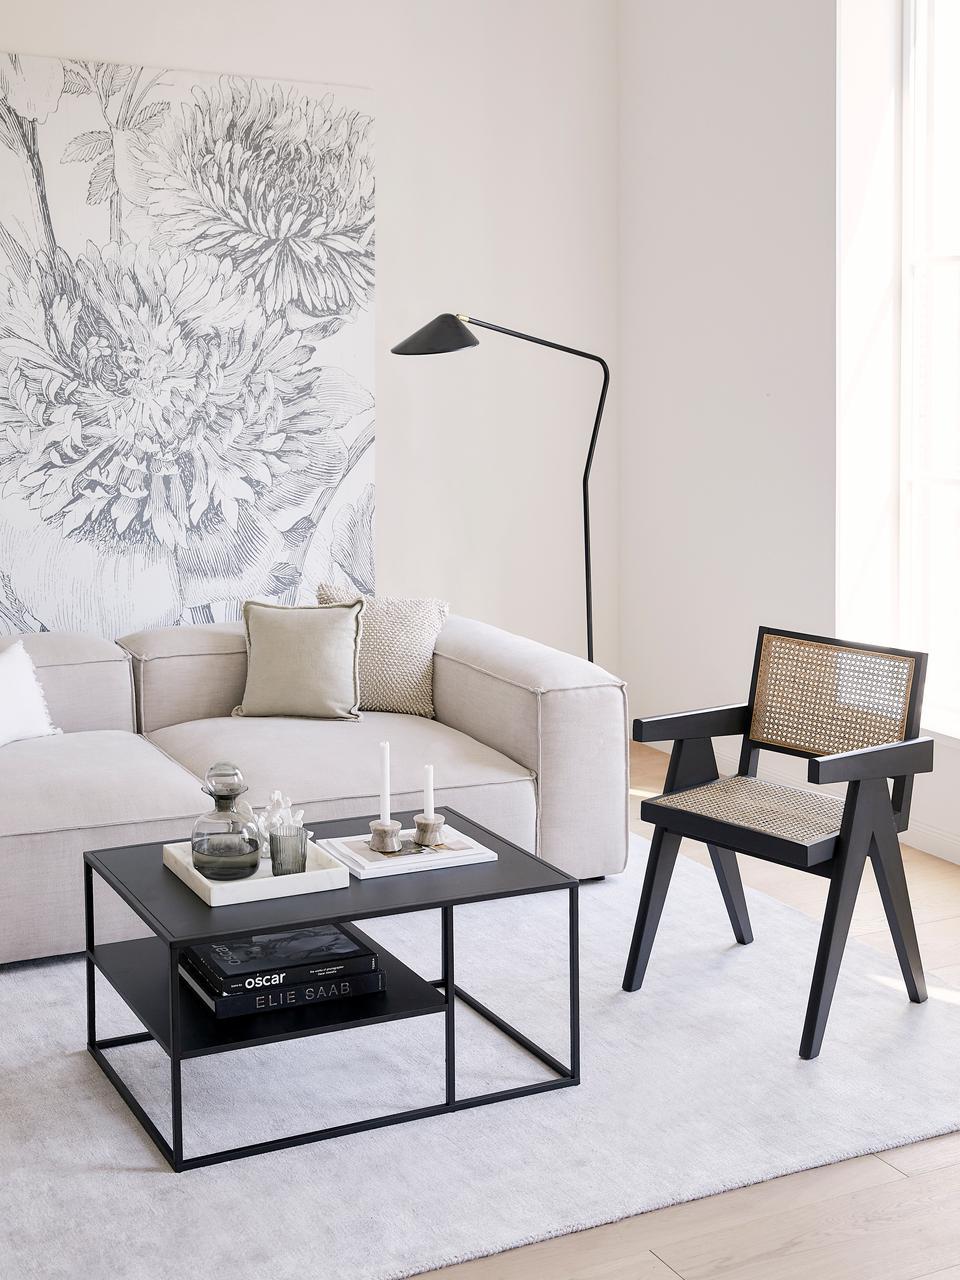 Tavolino da salotto con piano d'appoggio Newton, Metallo  verniciato a polvere, Nero, Larg. 90 x Alt. 45 cm